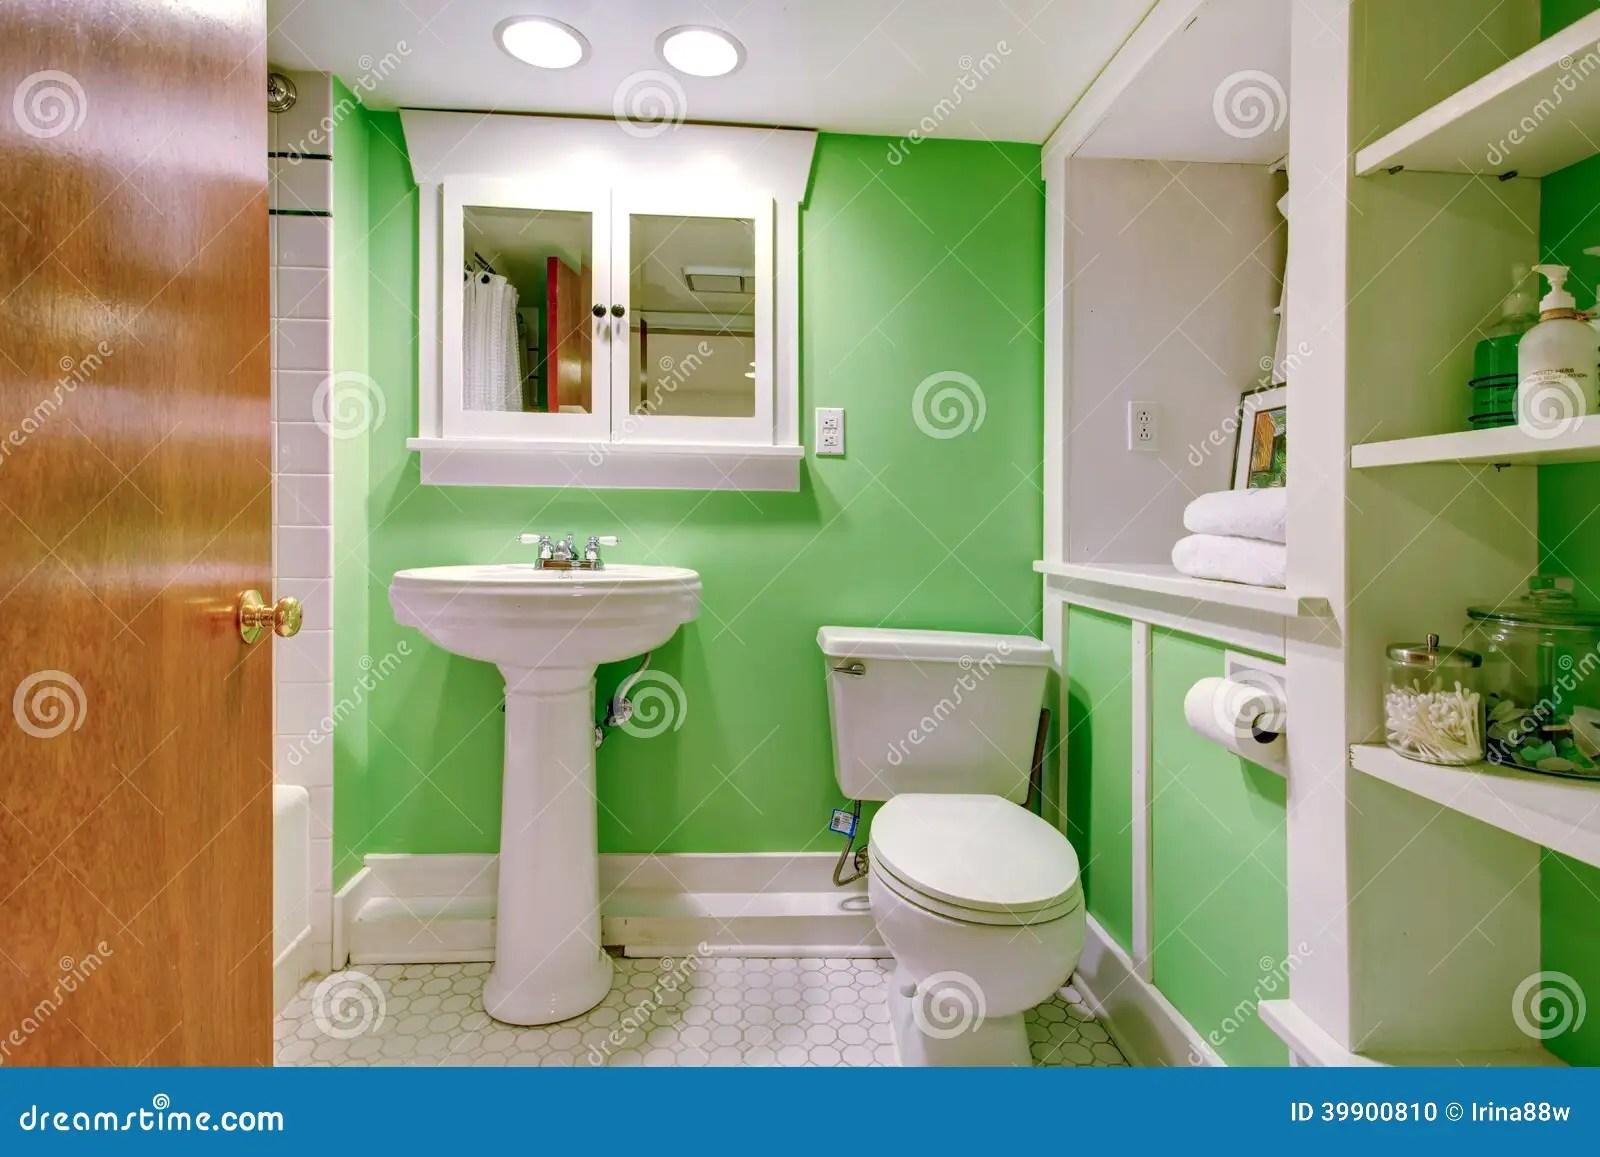 salle de bains verte et blanche photo stock image du simple vert 39900810